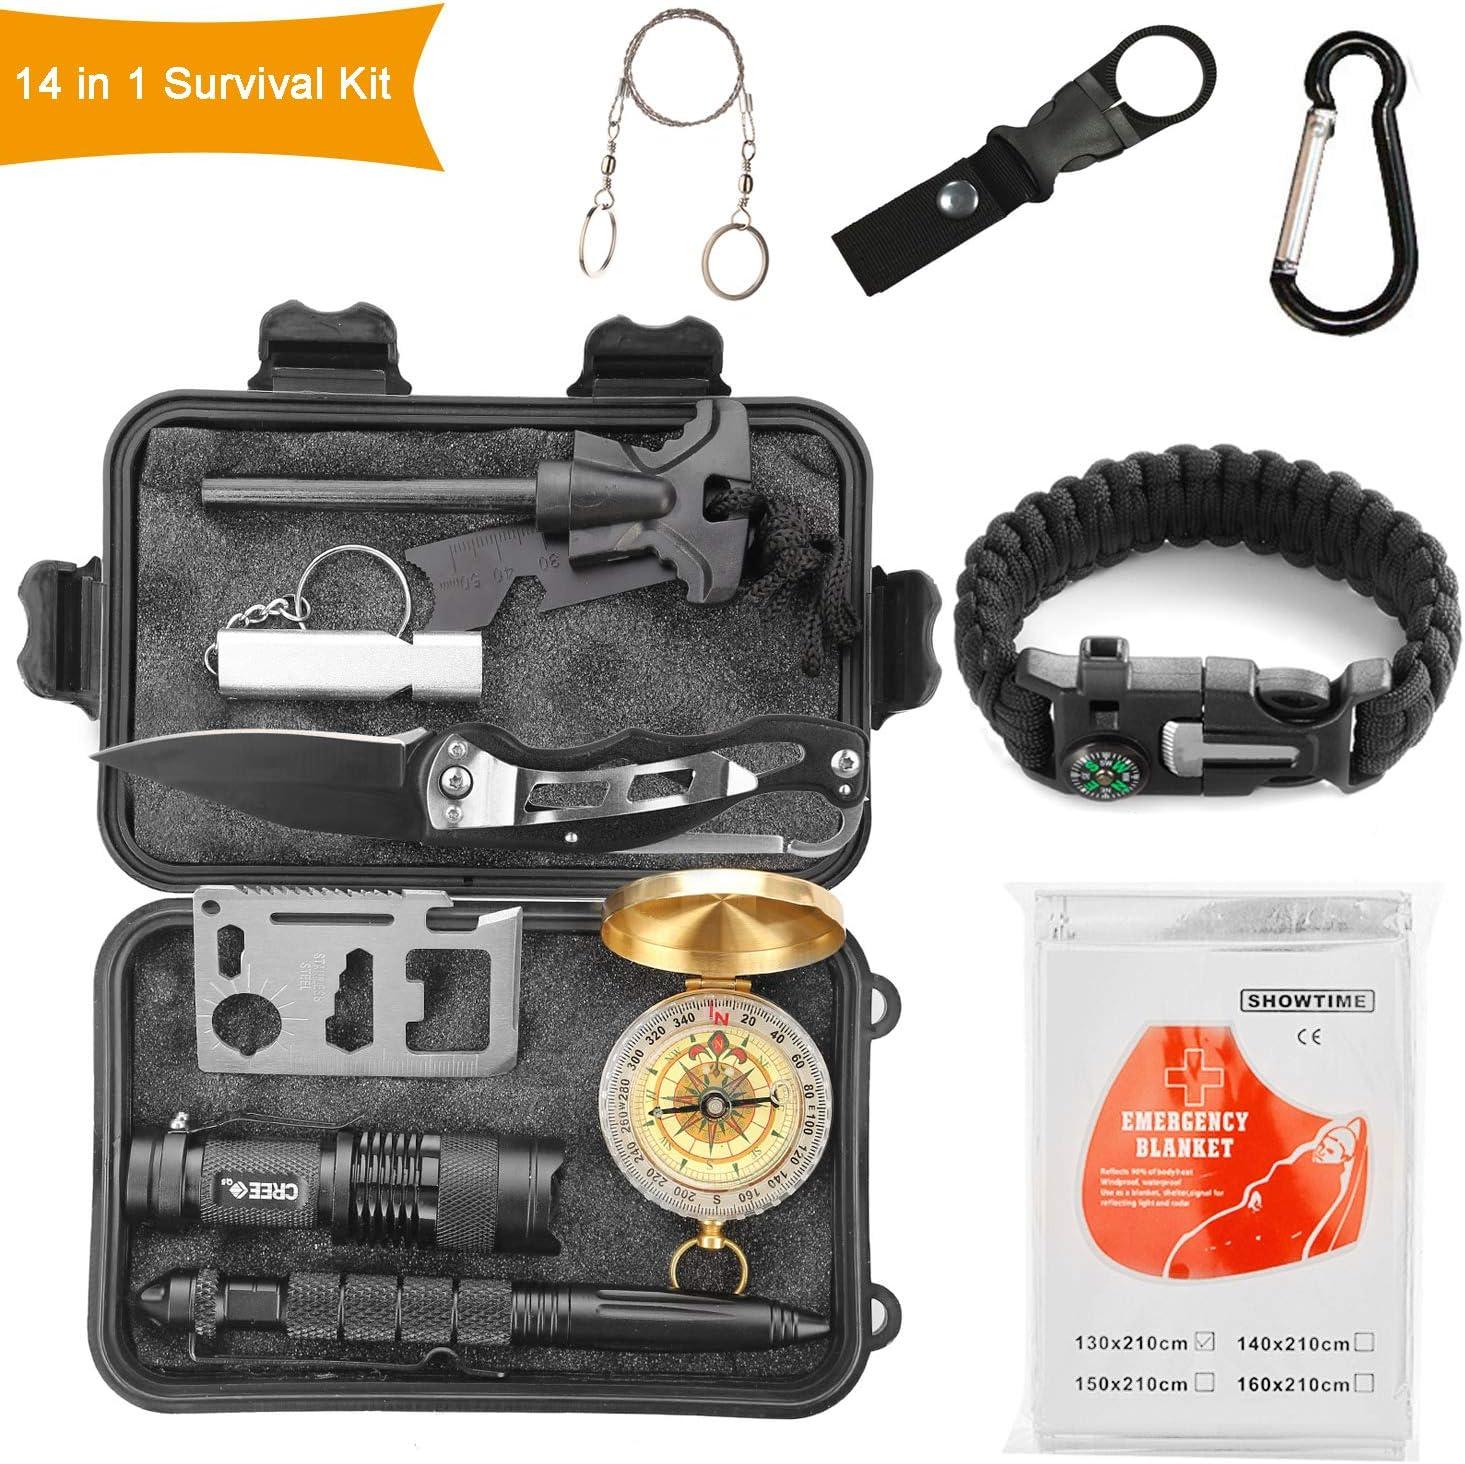 Halcent Kit Supervivencia, 14 Piezas Kit Emergencia con Brujula Silbato Emergencia Mechero Rasqueta Arrancador de Fuego Kit de Supervivencia Militar para Viajar Senderismo Escalada Caza